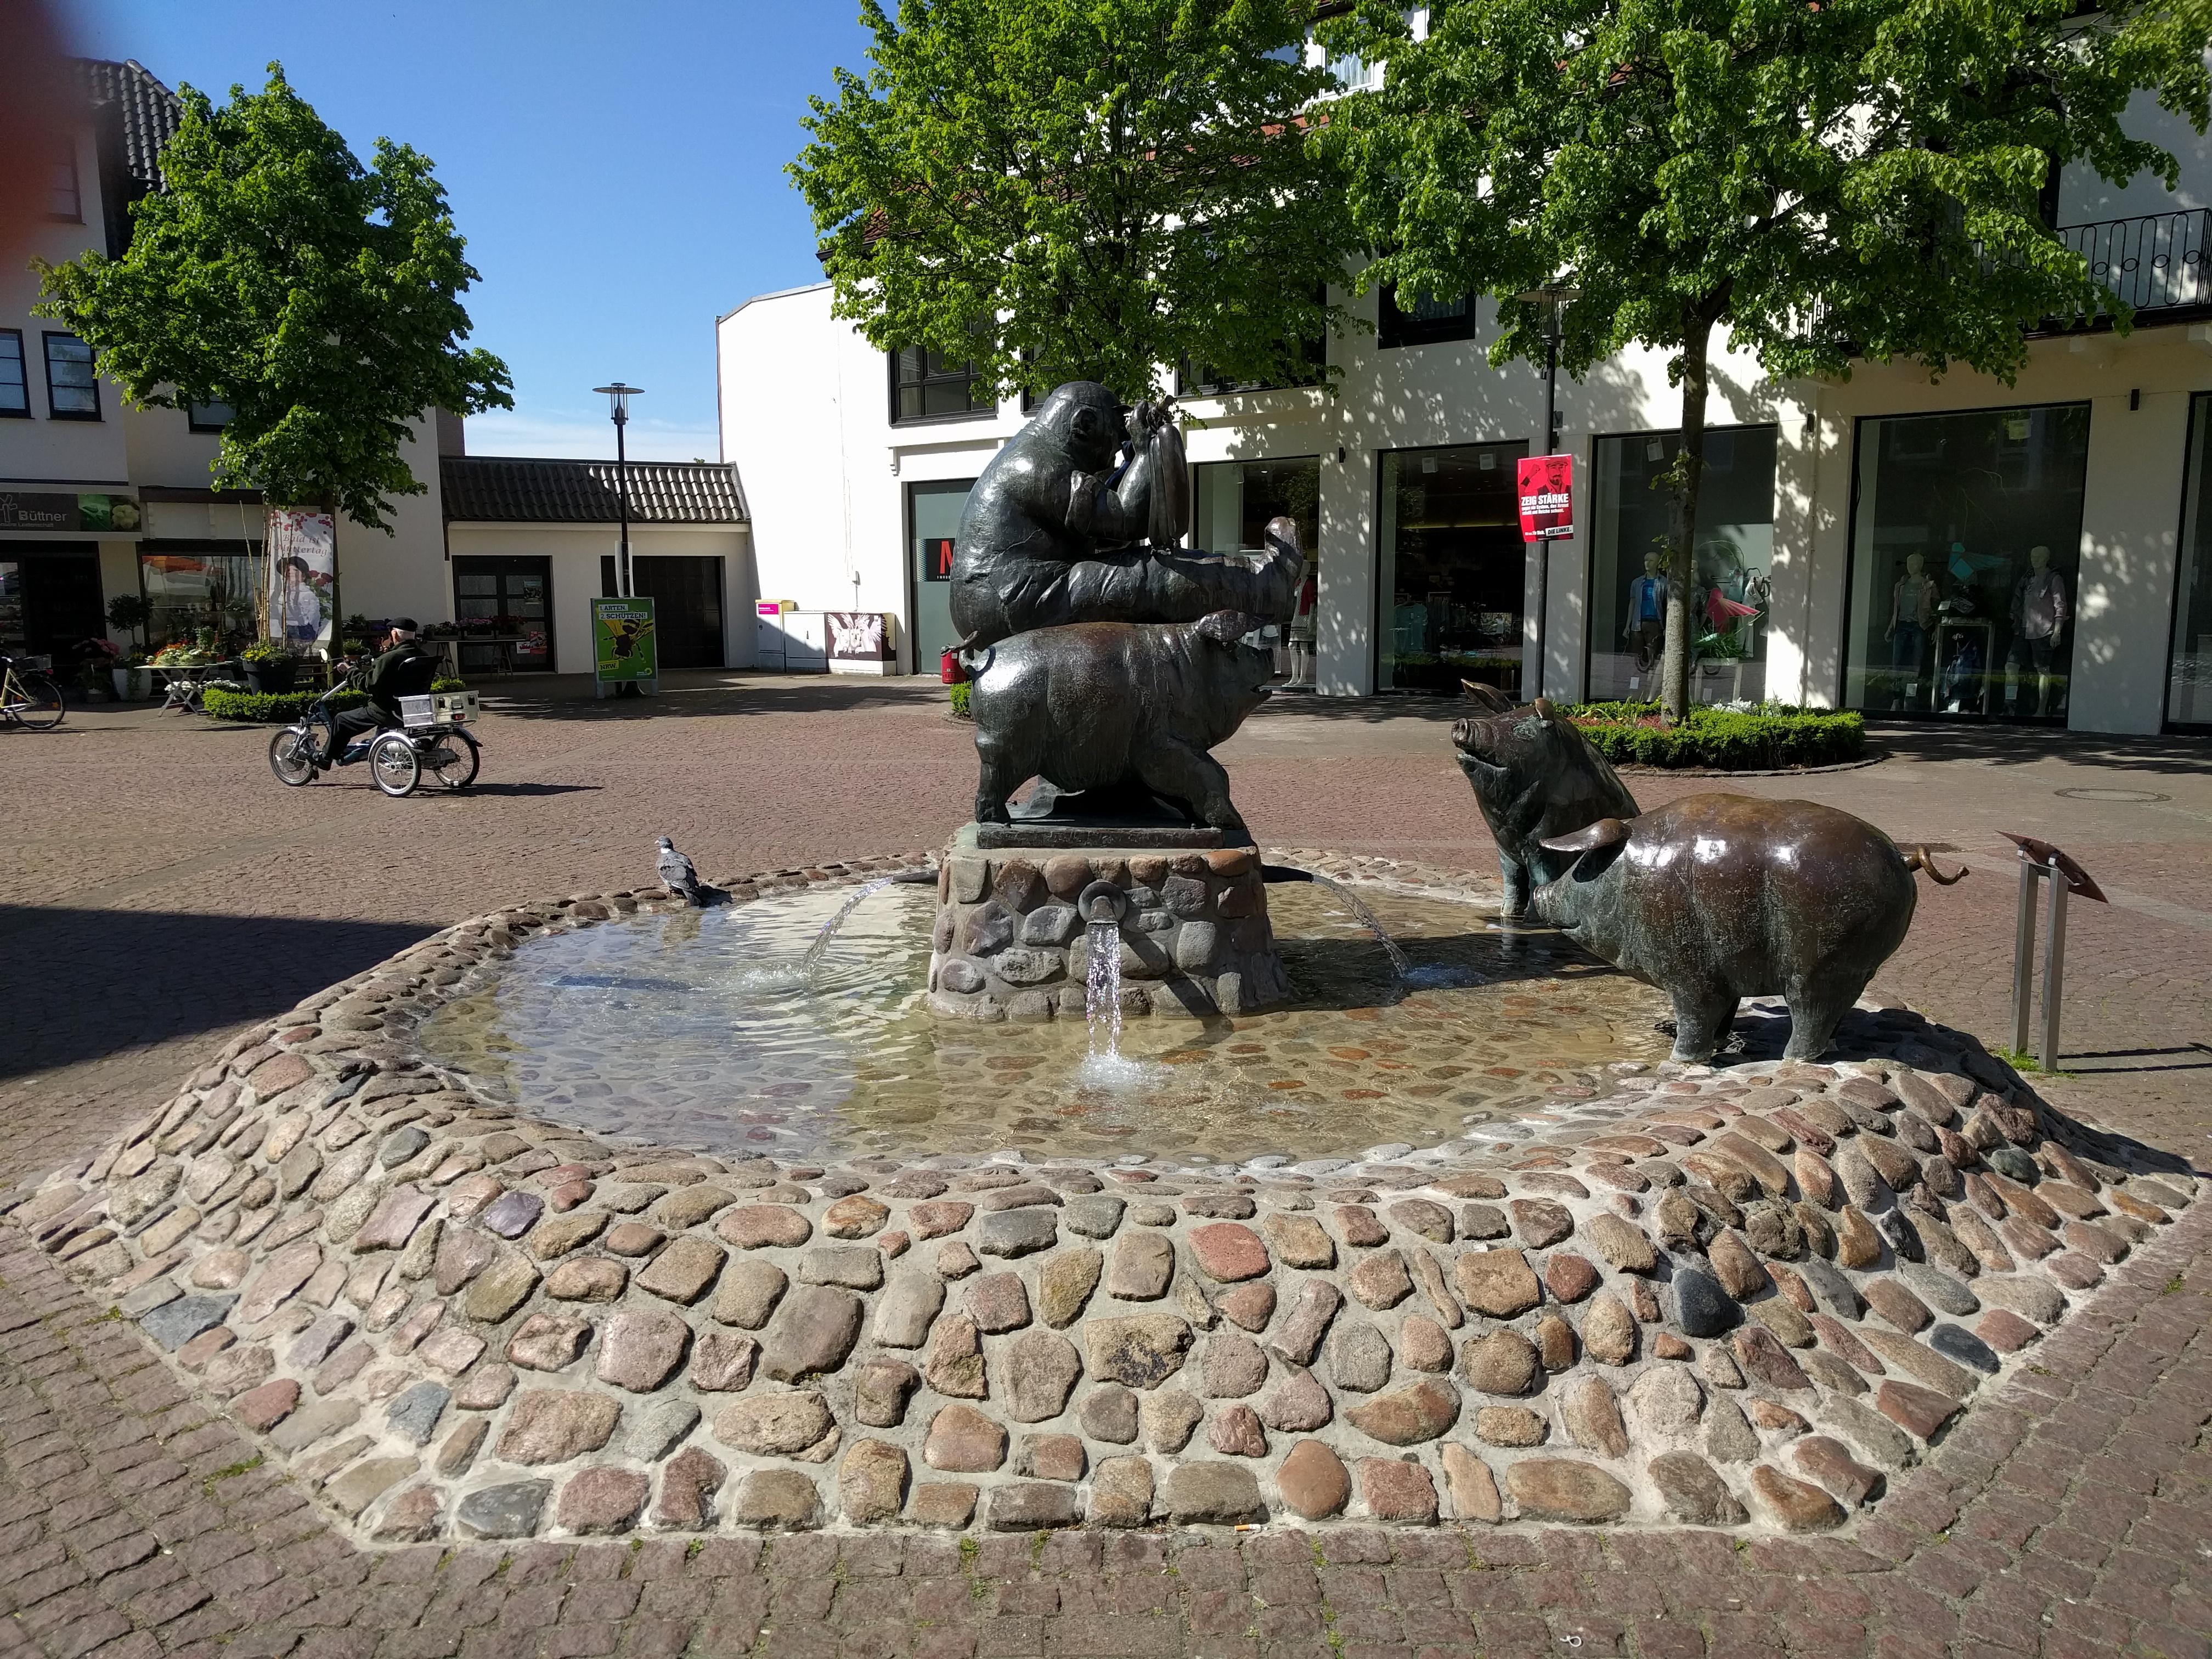 Marktplatz mit Schweinebrunnen in Versmold